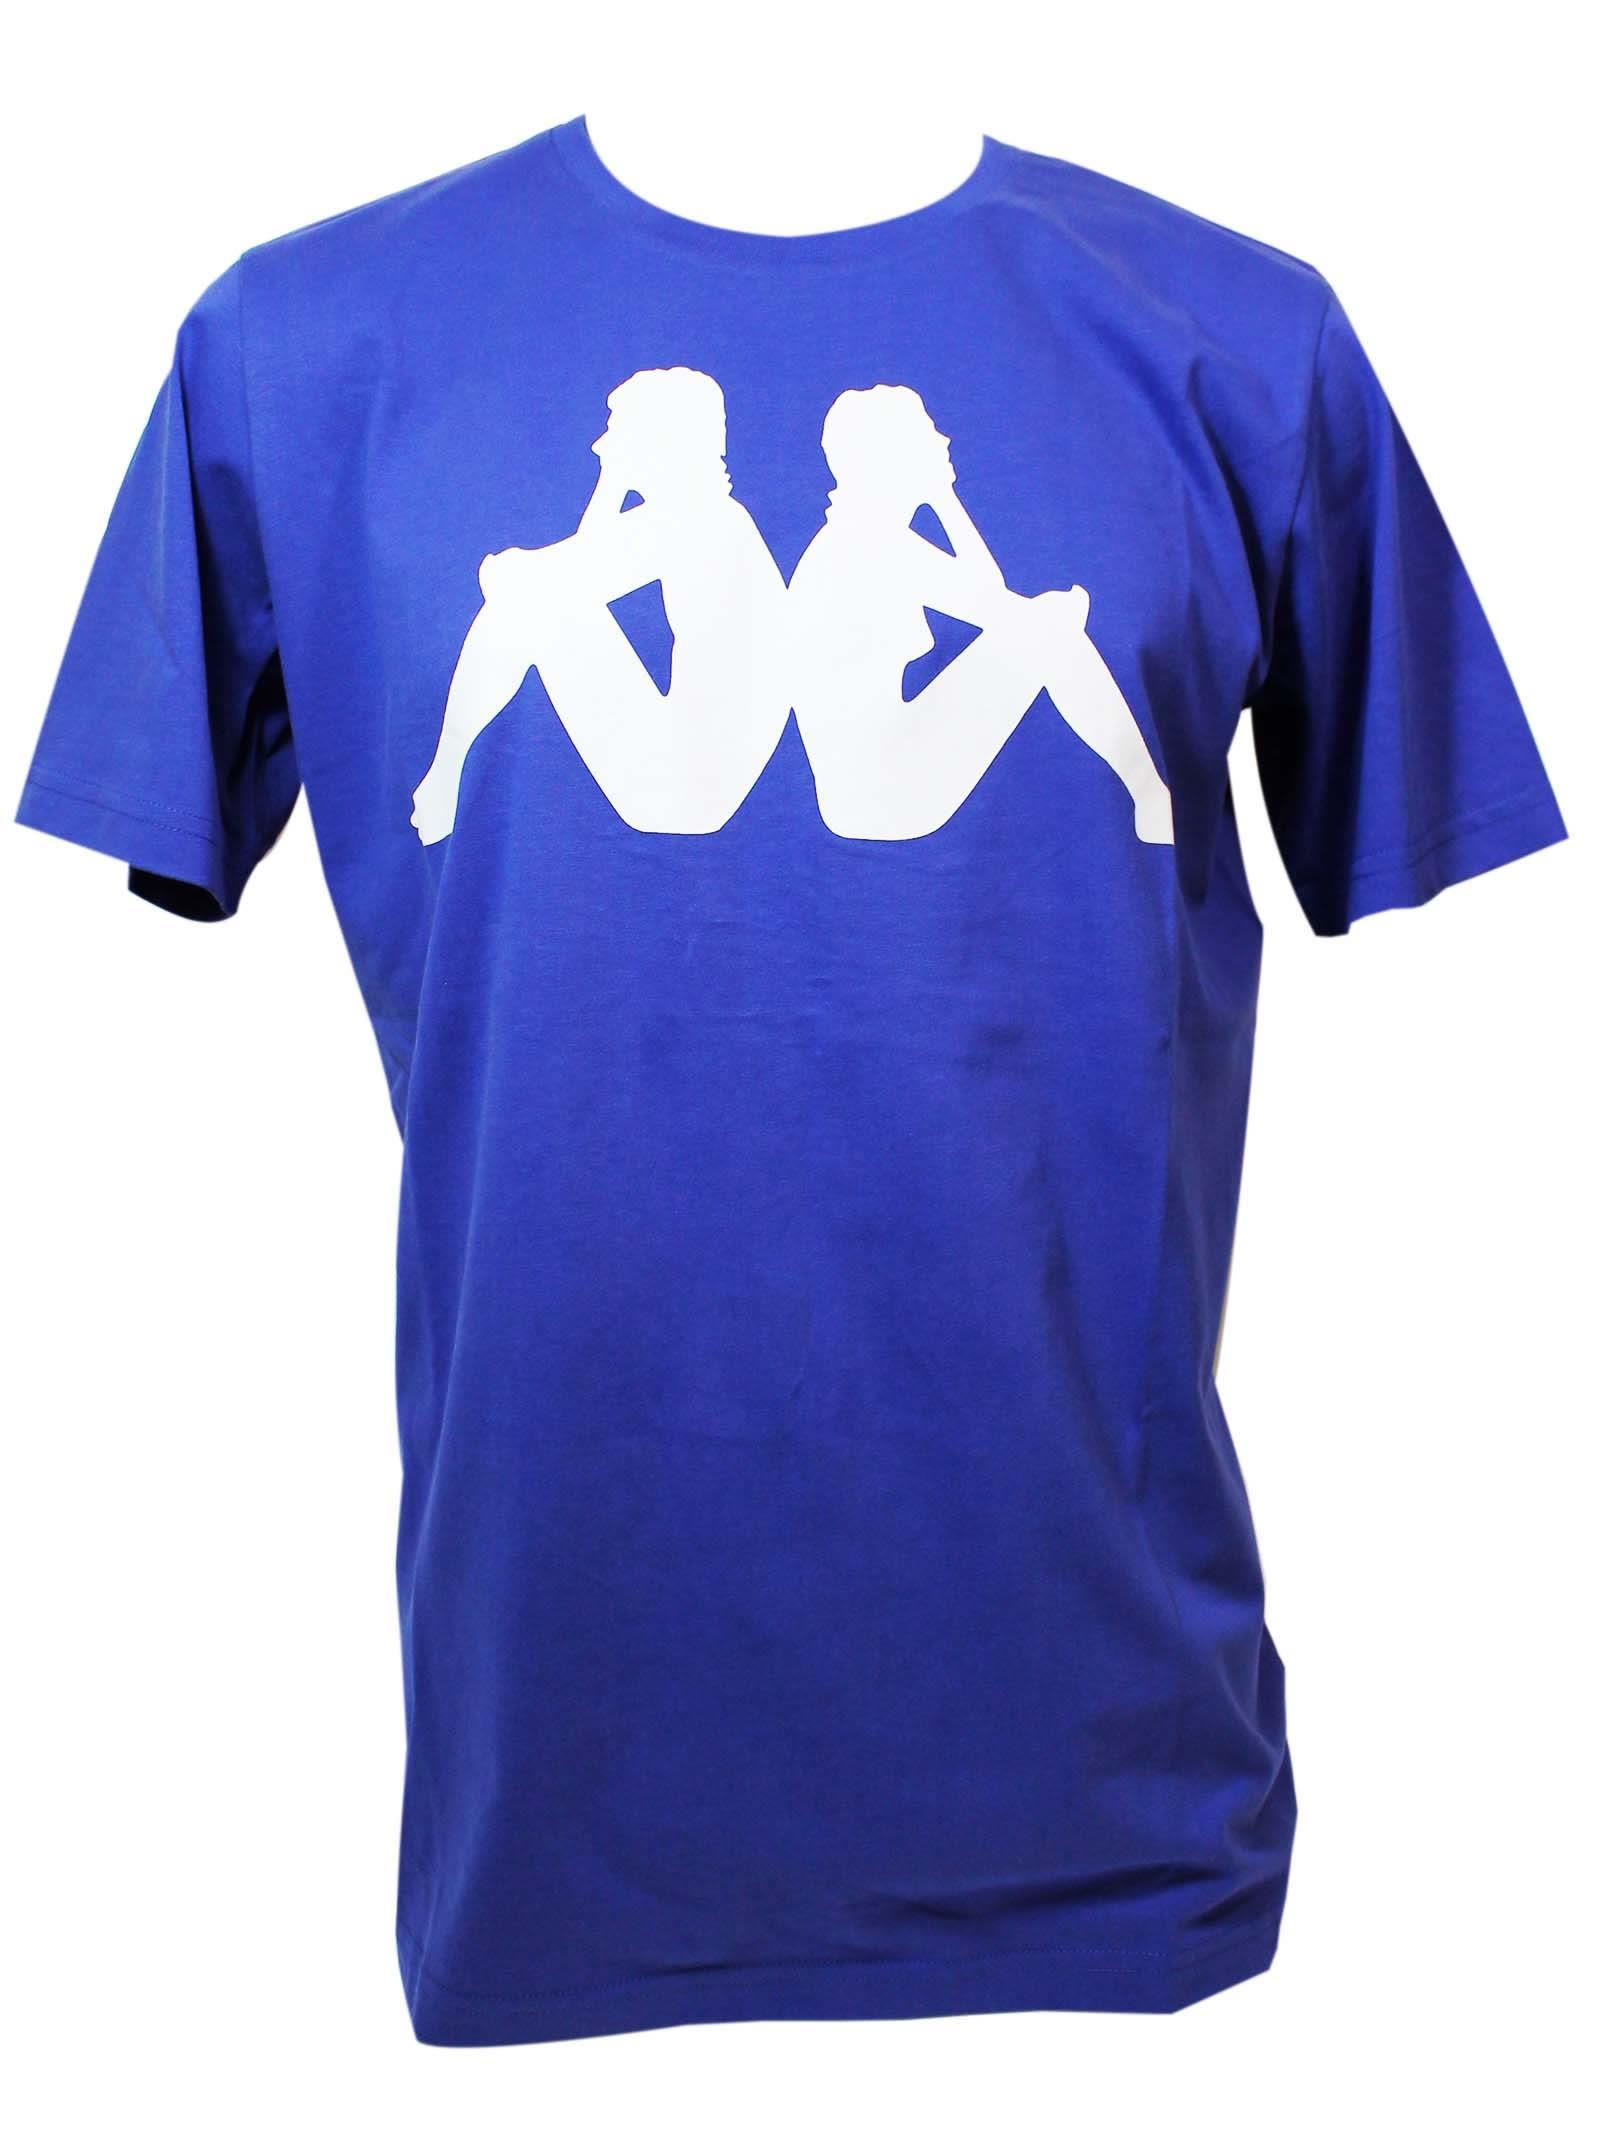 Kappa Royal Blue L.a. Medal T-shirt